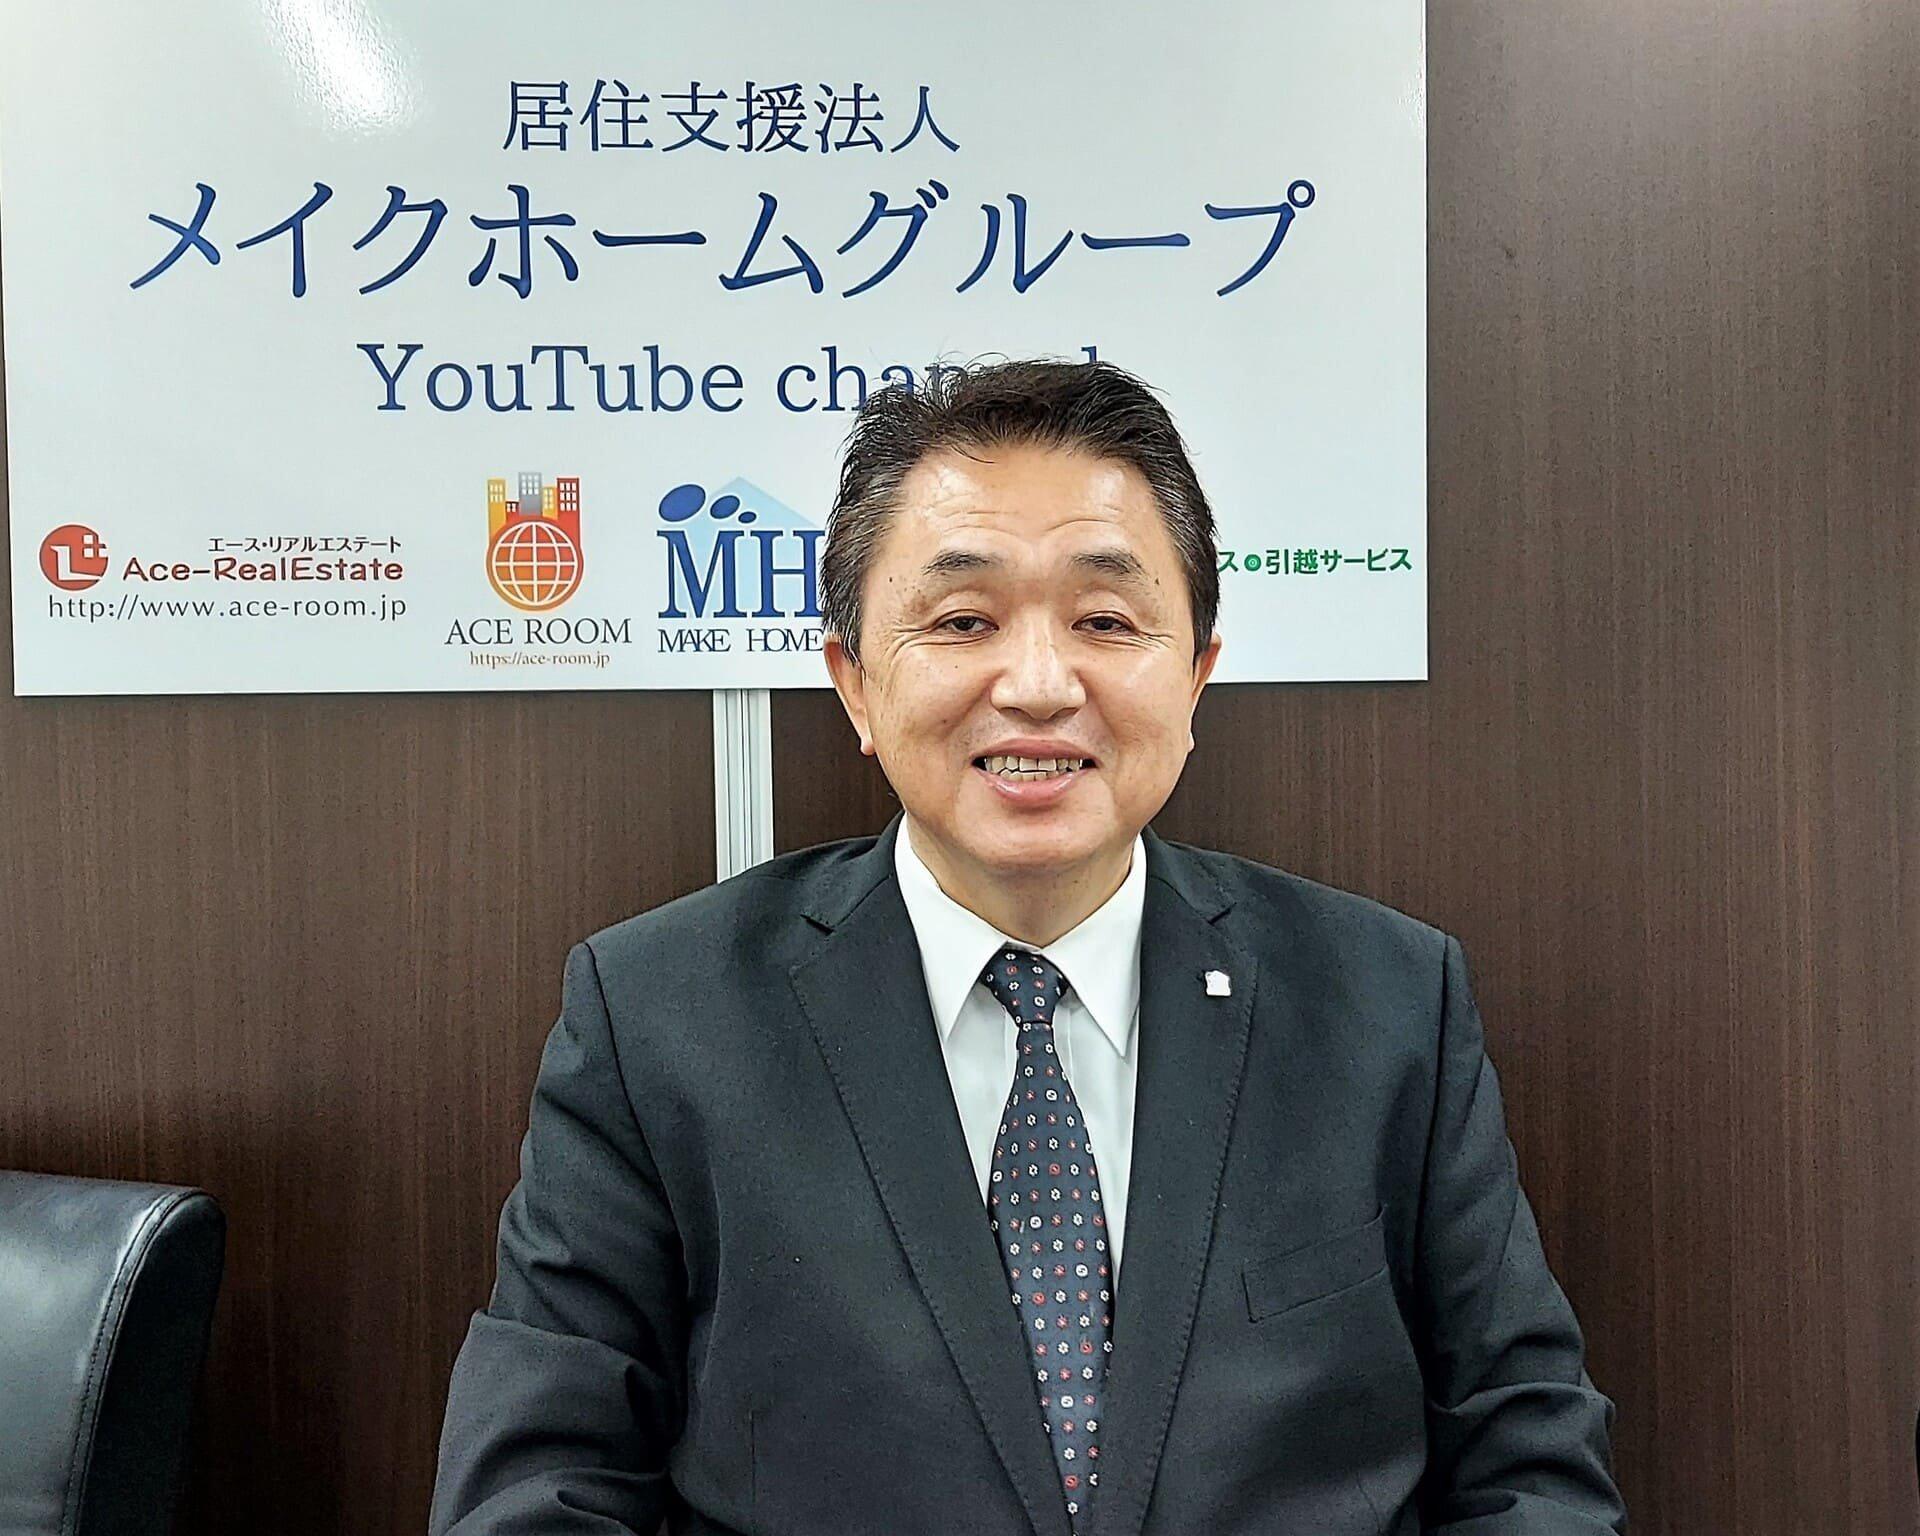 企業研究vol.128  MAKEグループ 石原 幸一 社長【トップインタビュー】